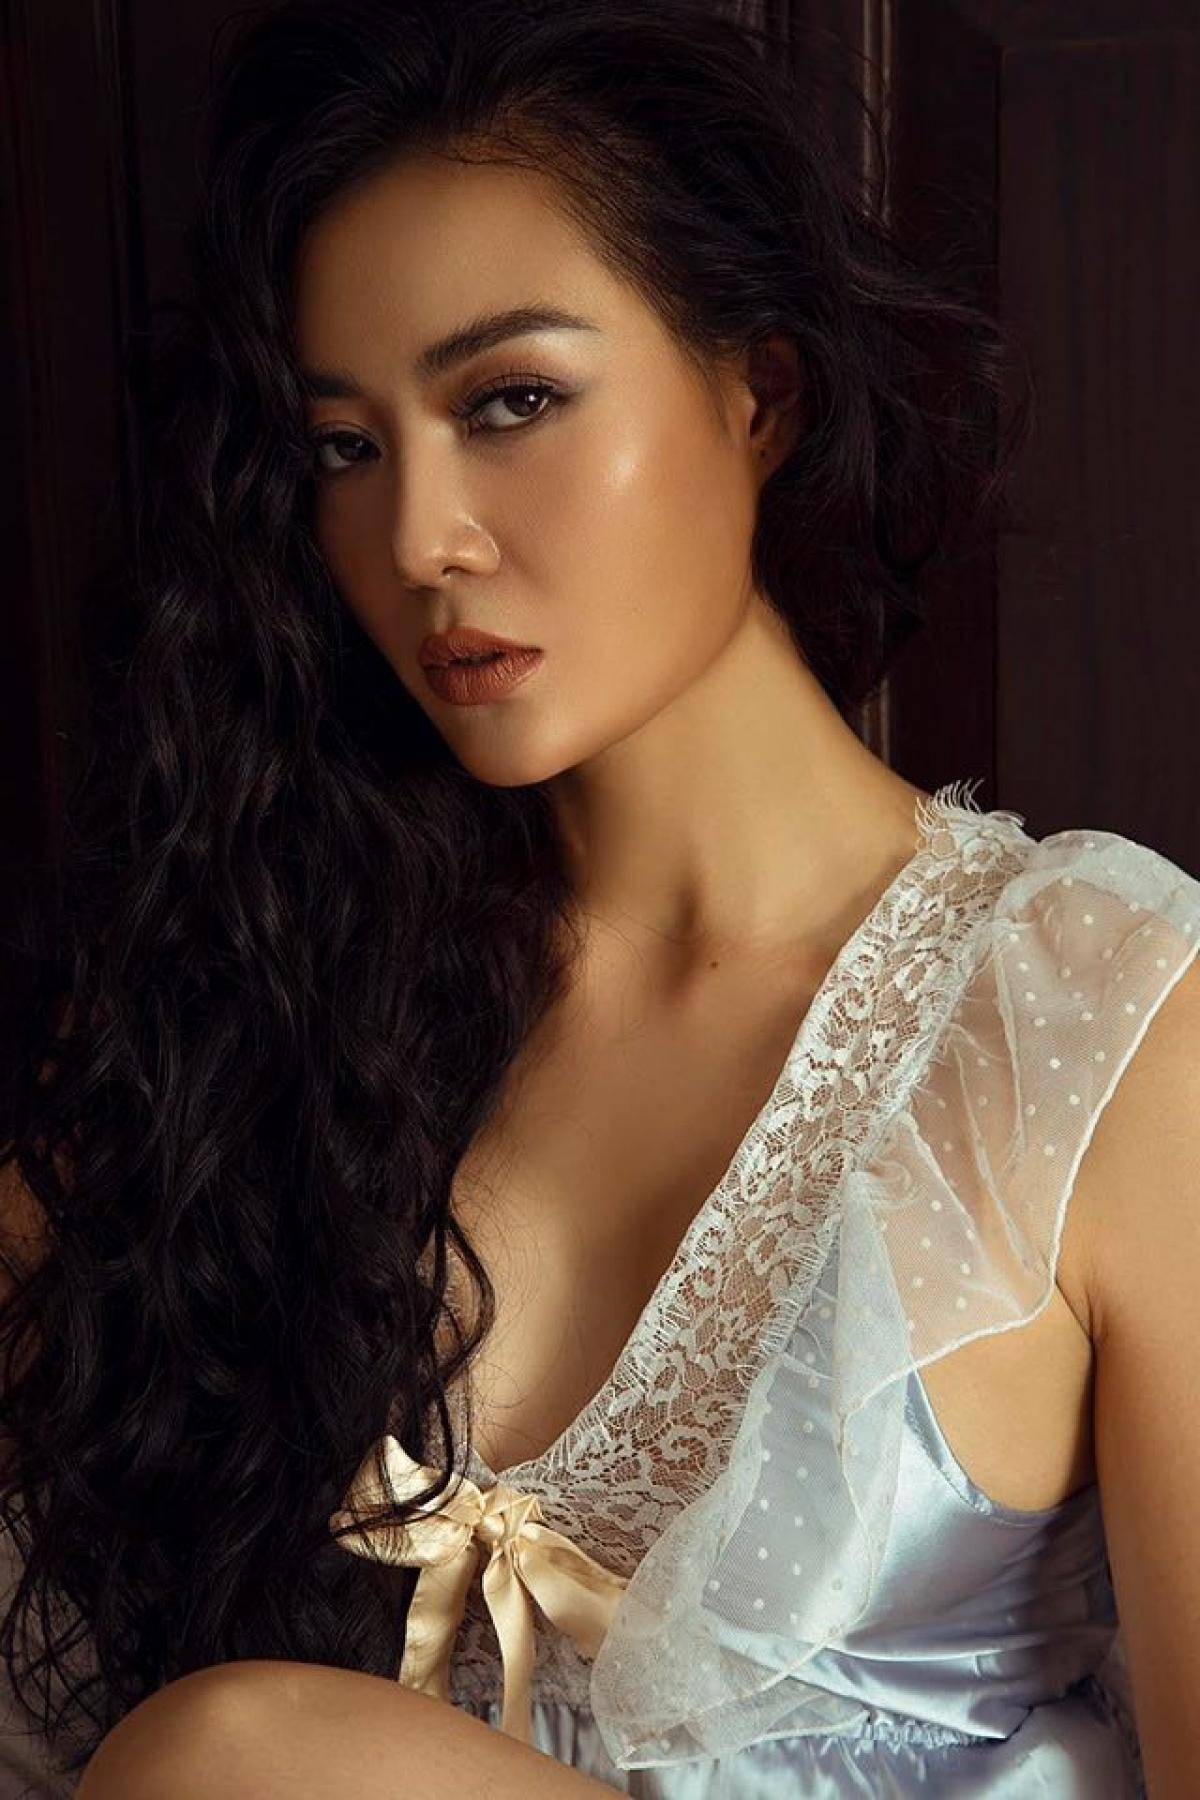 Ngoài đời, Thanh Hương sở hữu thân hình nóng bỏng và gương mặt đẹp sắc sảo, cá tính.